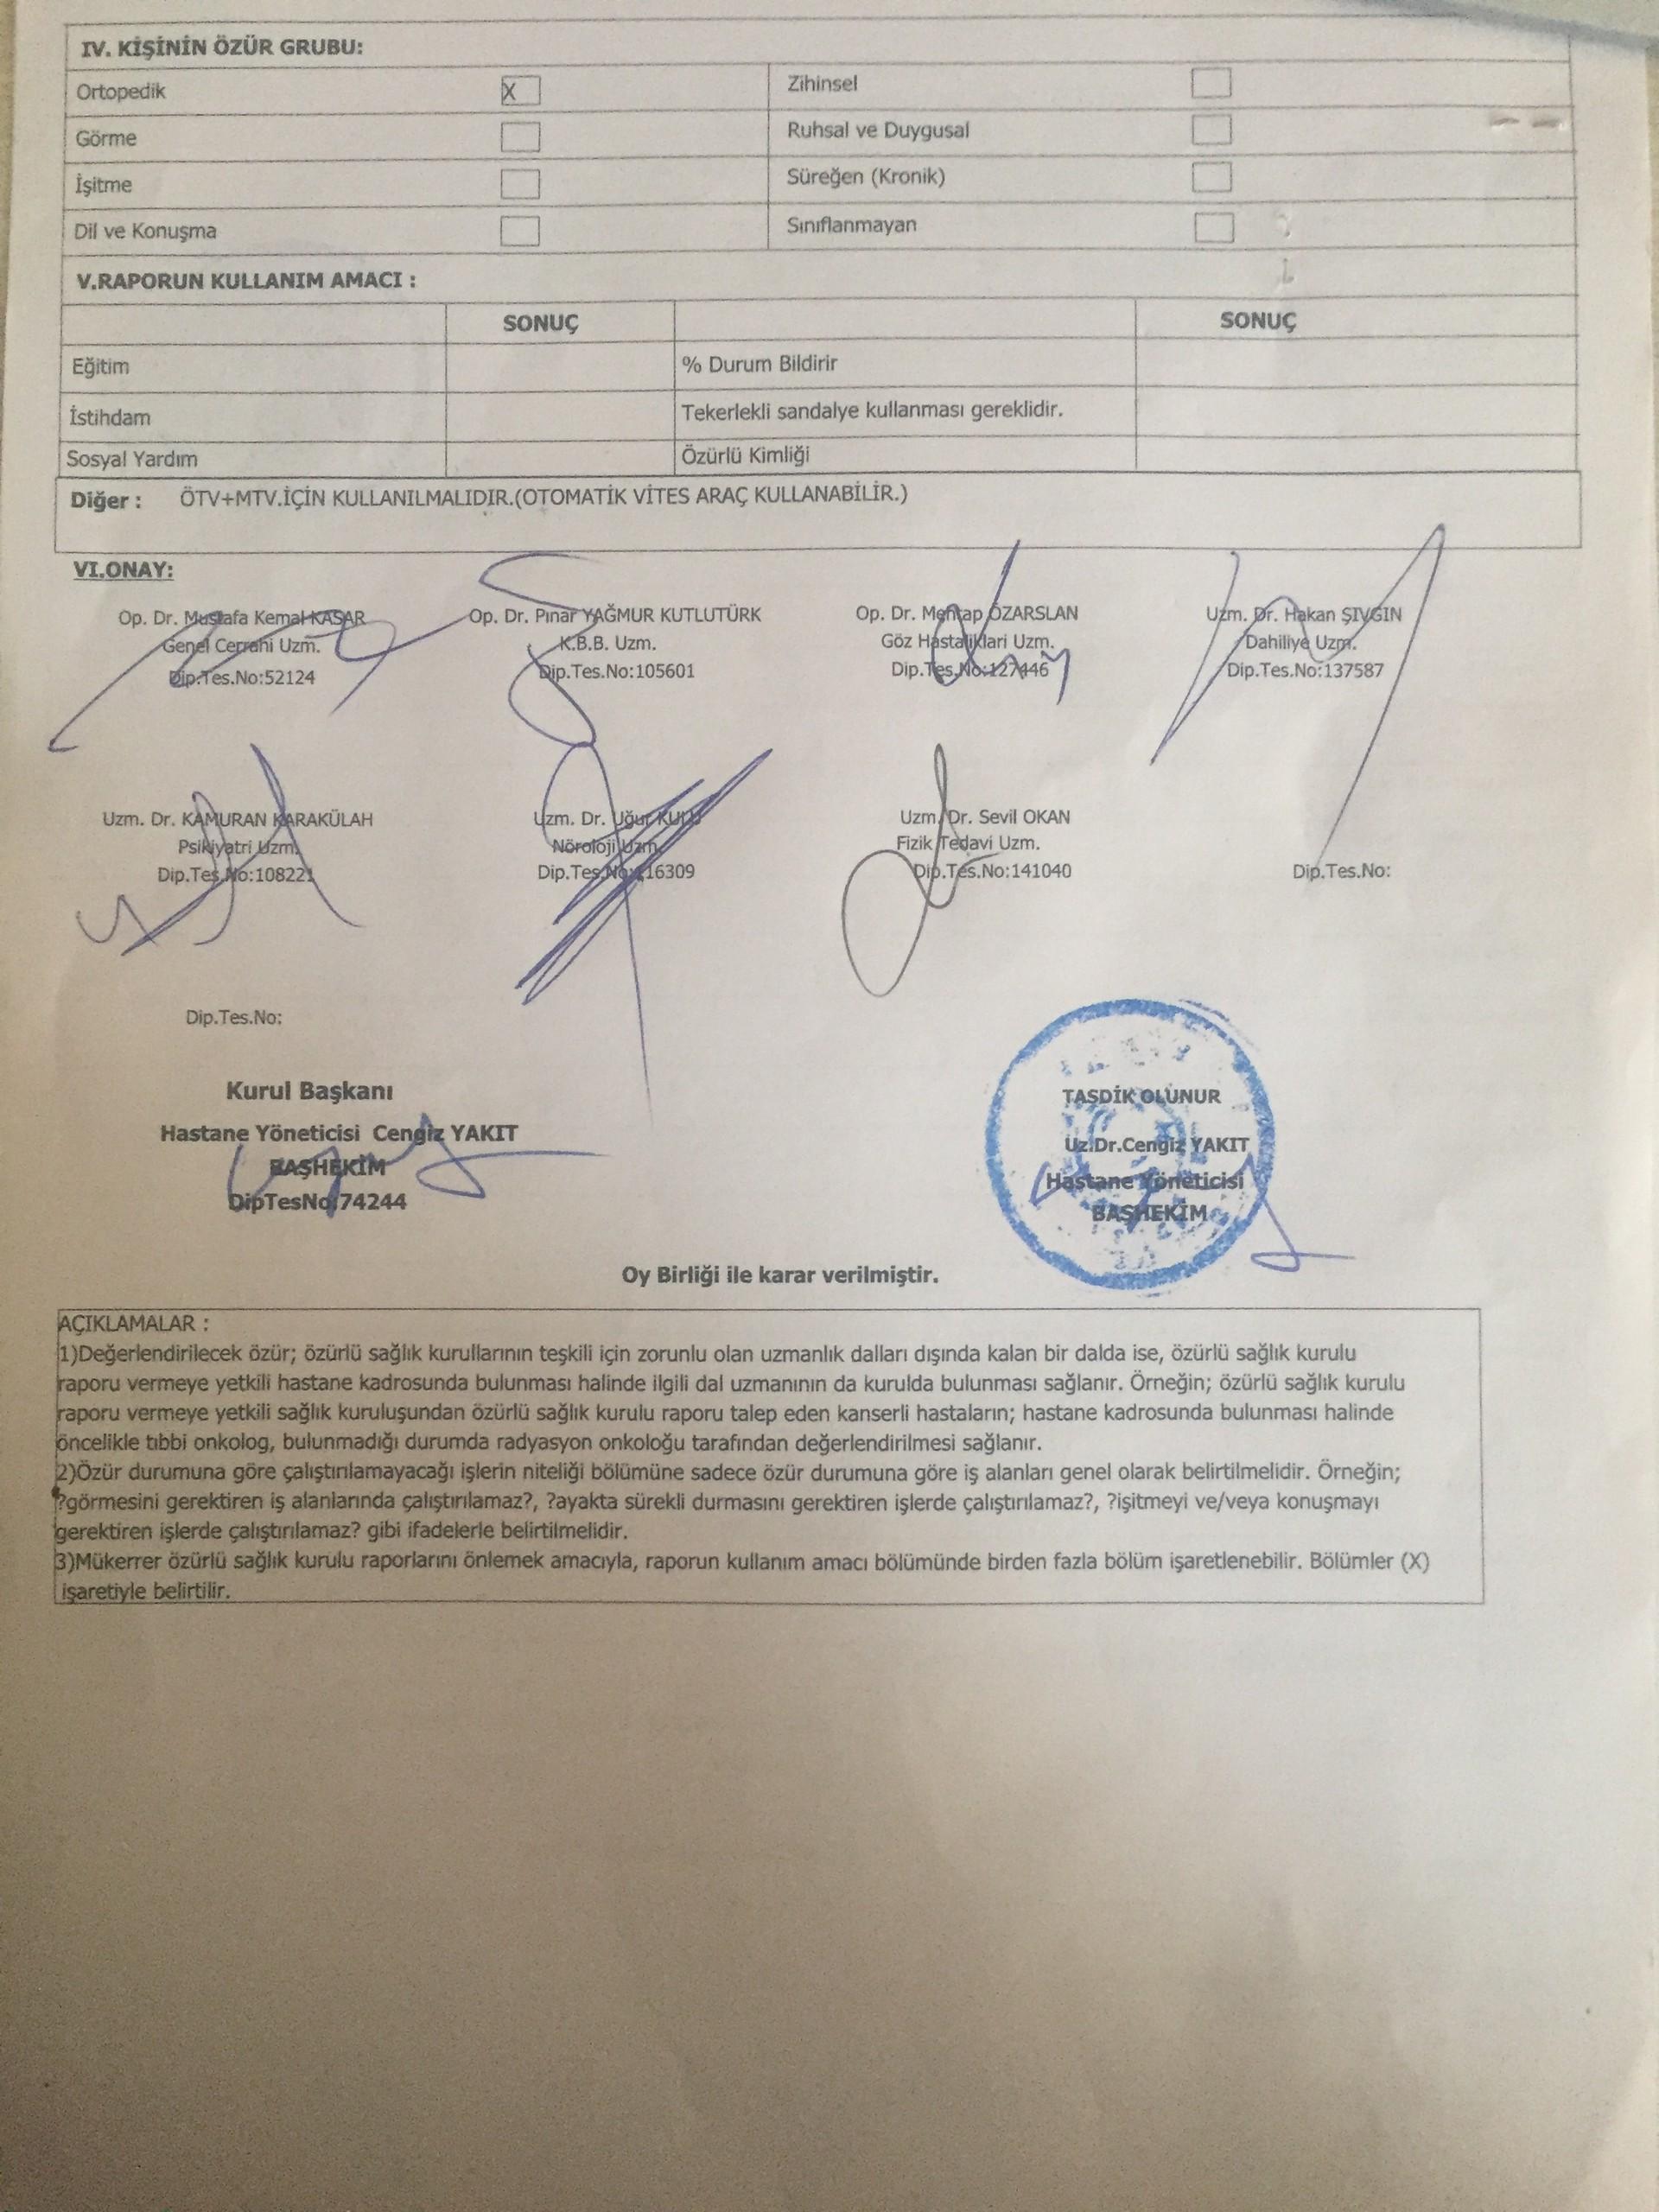 Jq2dEJ - H sınıfı sürücü belgesi ve ÖTV'siz araç alımı için rapor paylaşımları